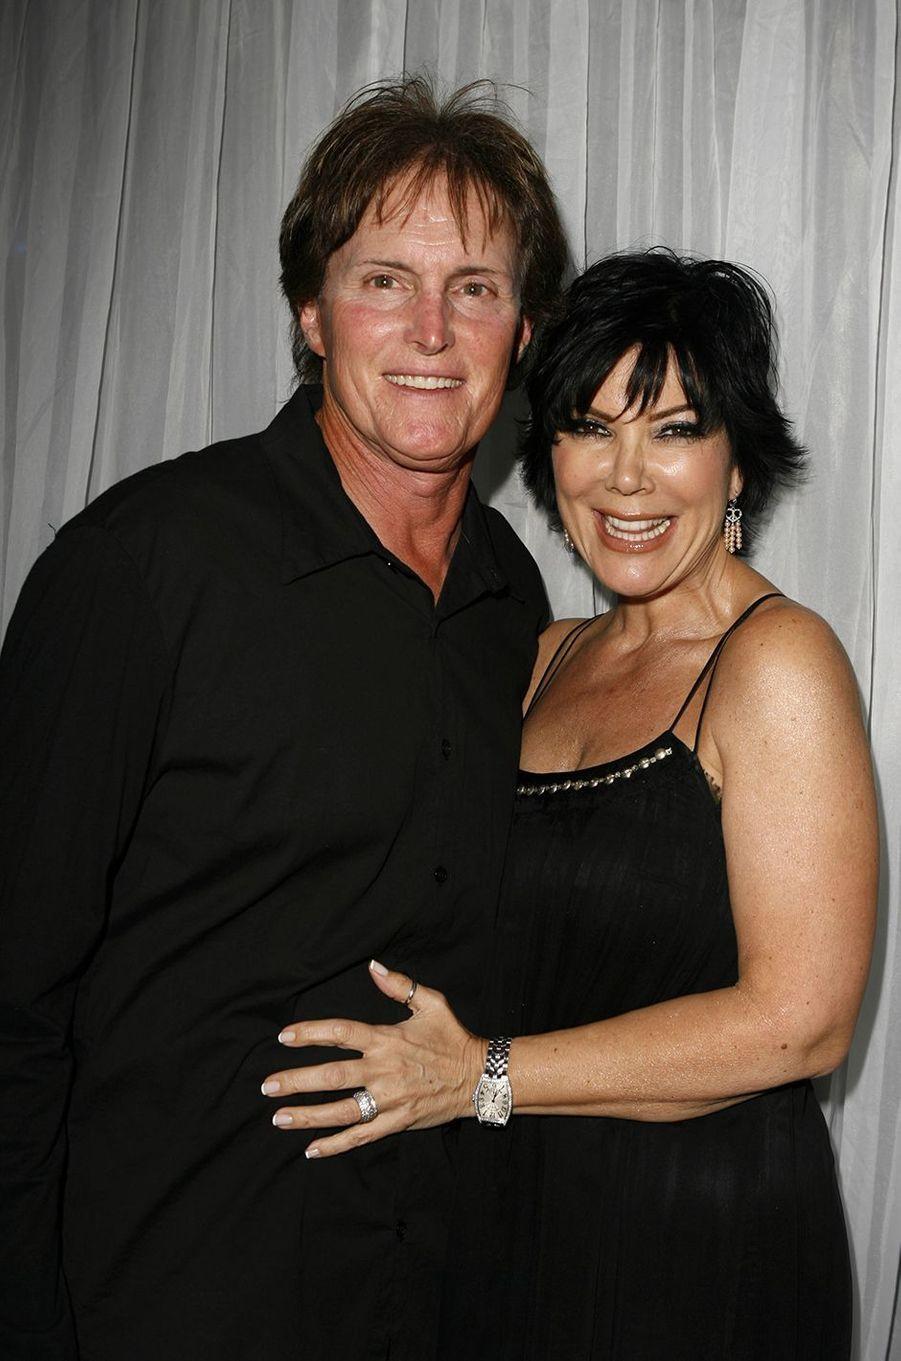 Bruce et Kris Jenner lors d'une présentation pour la marque Dash à Los Angeles en mars 2007